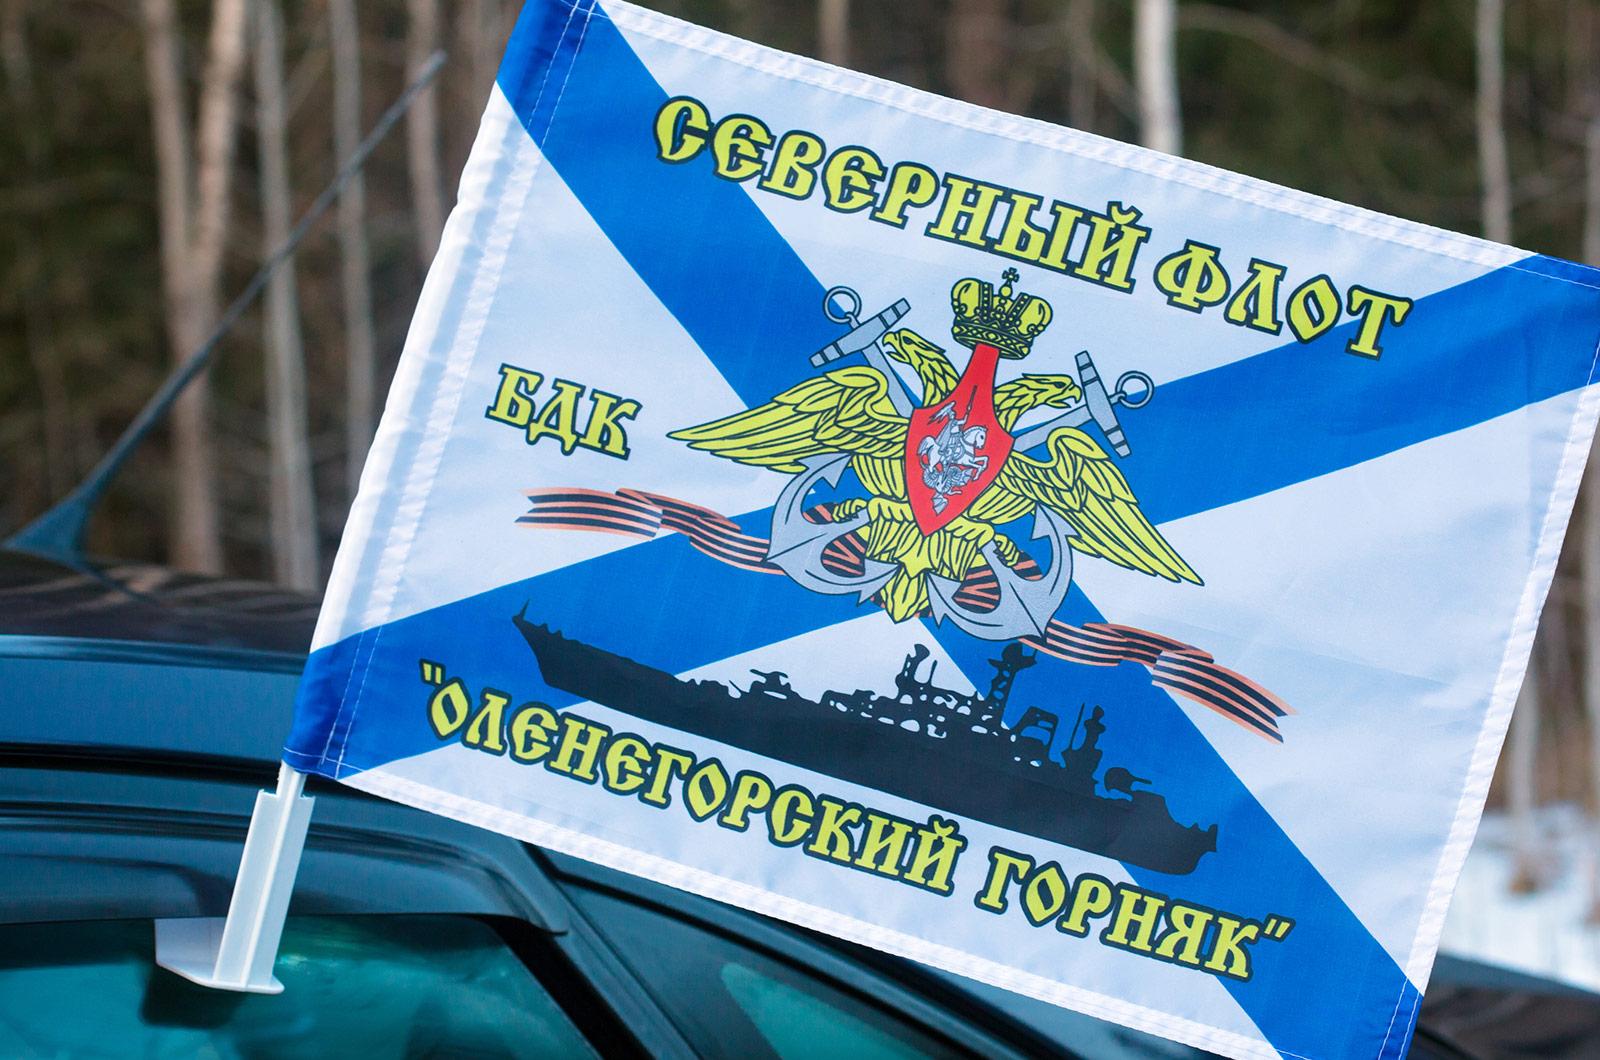 Флаг на машину с кронштейном БДК «Оленегорский Горняк»